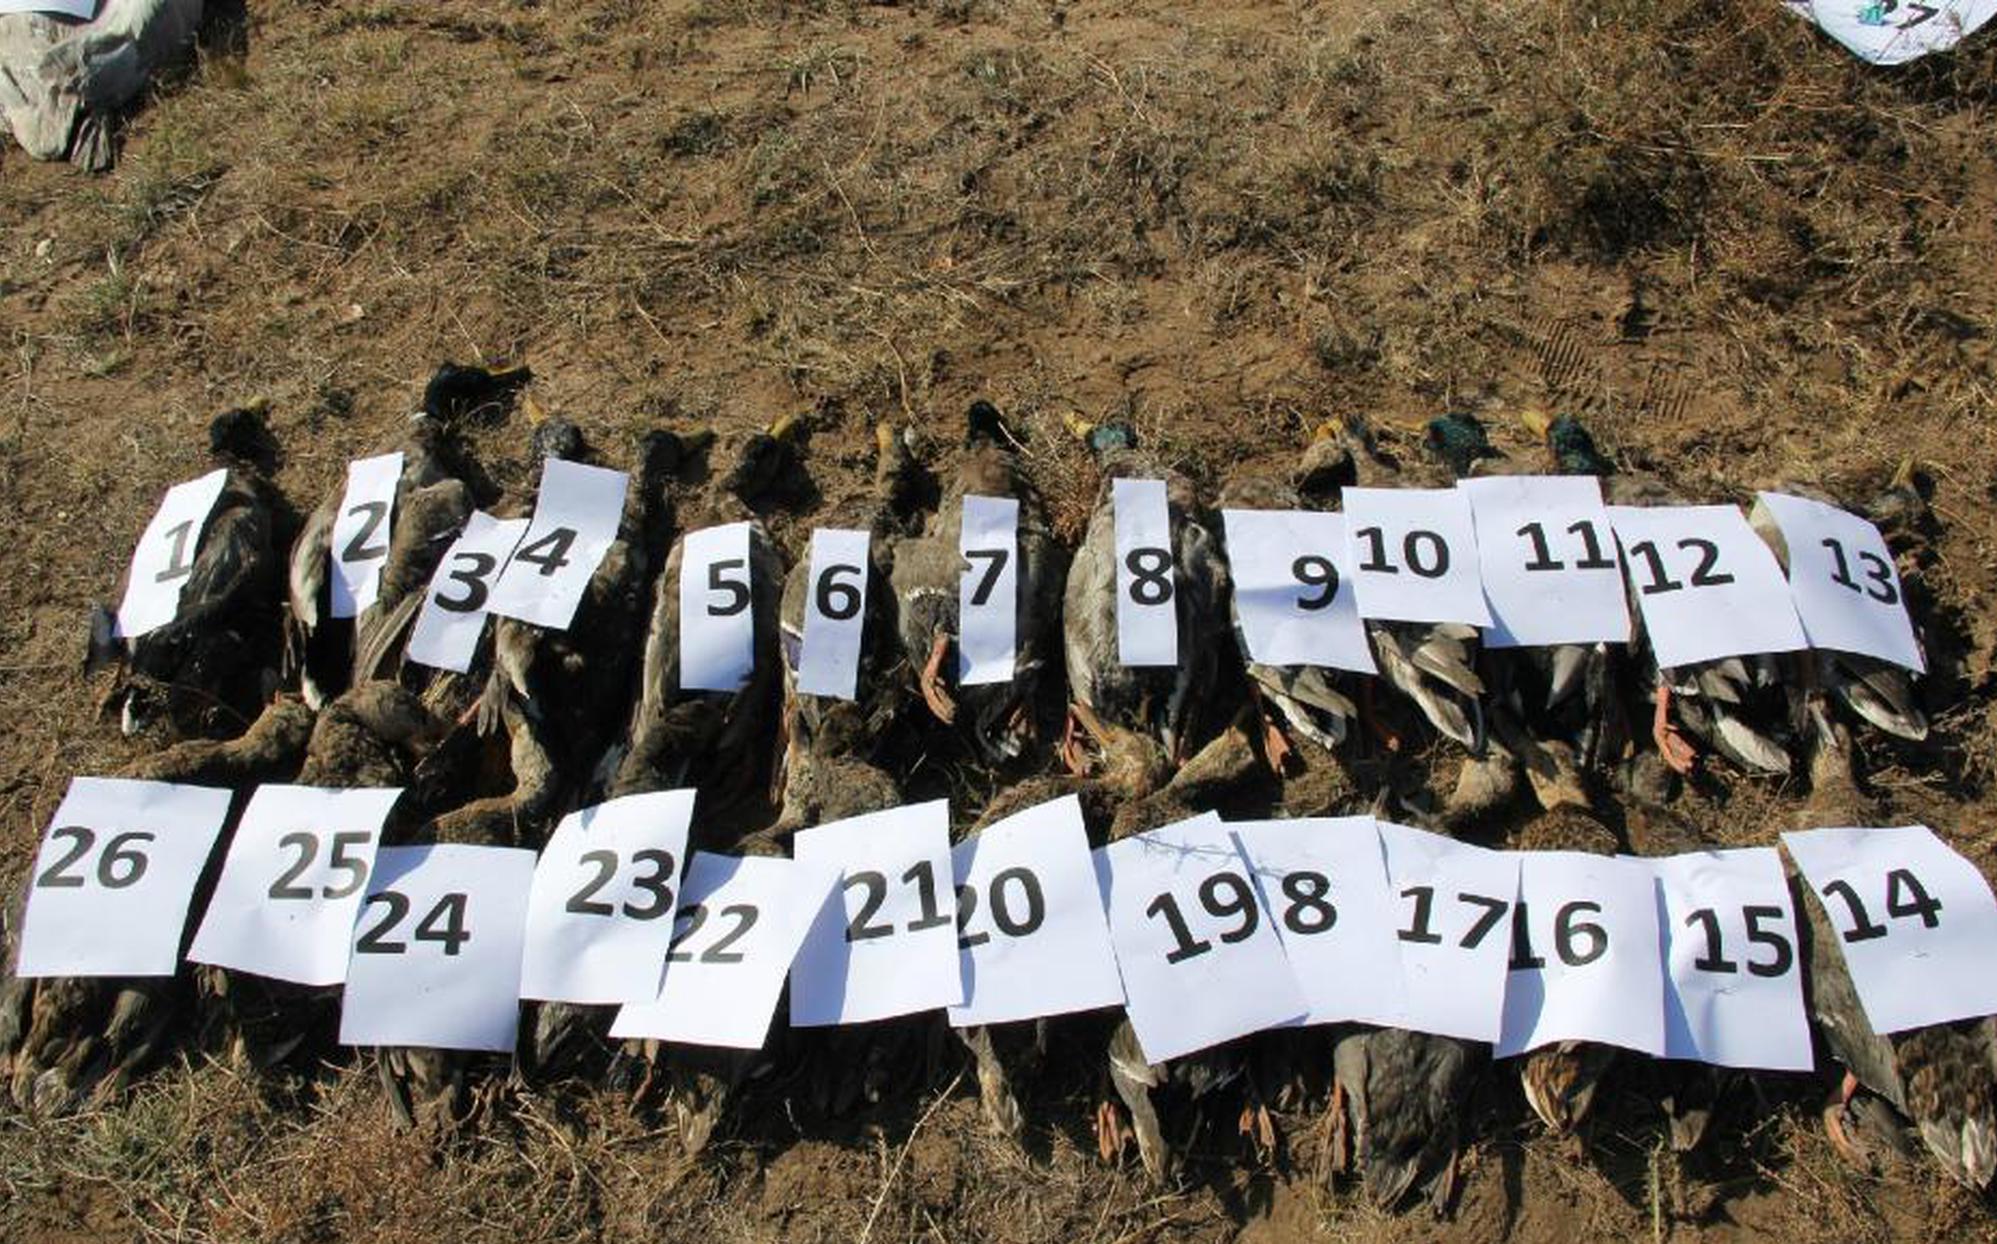 正蓝旗毒杀290只天鹅案:9名涉案人员被提起公诉